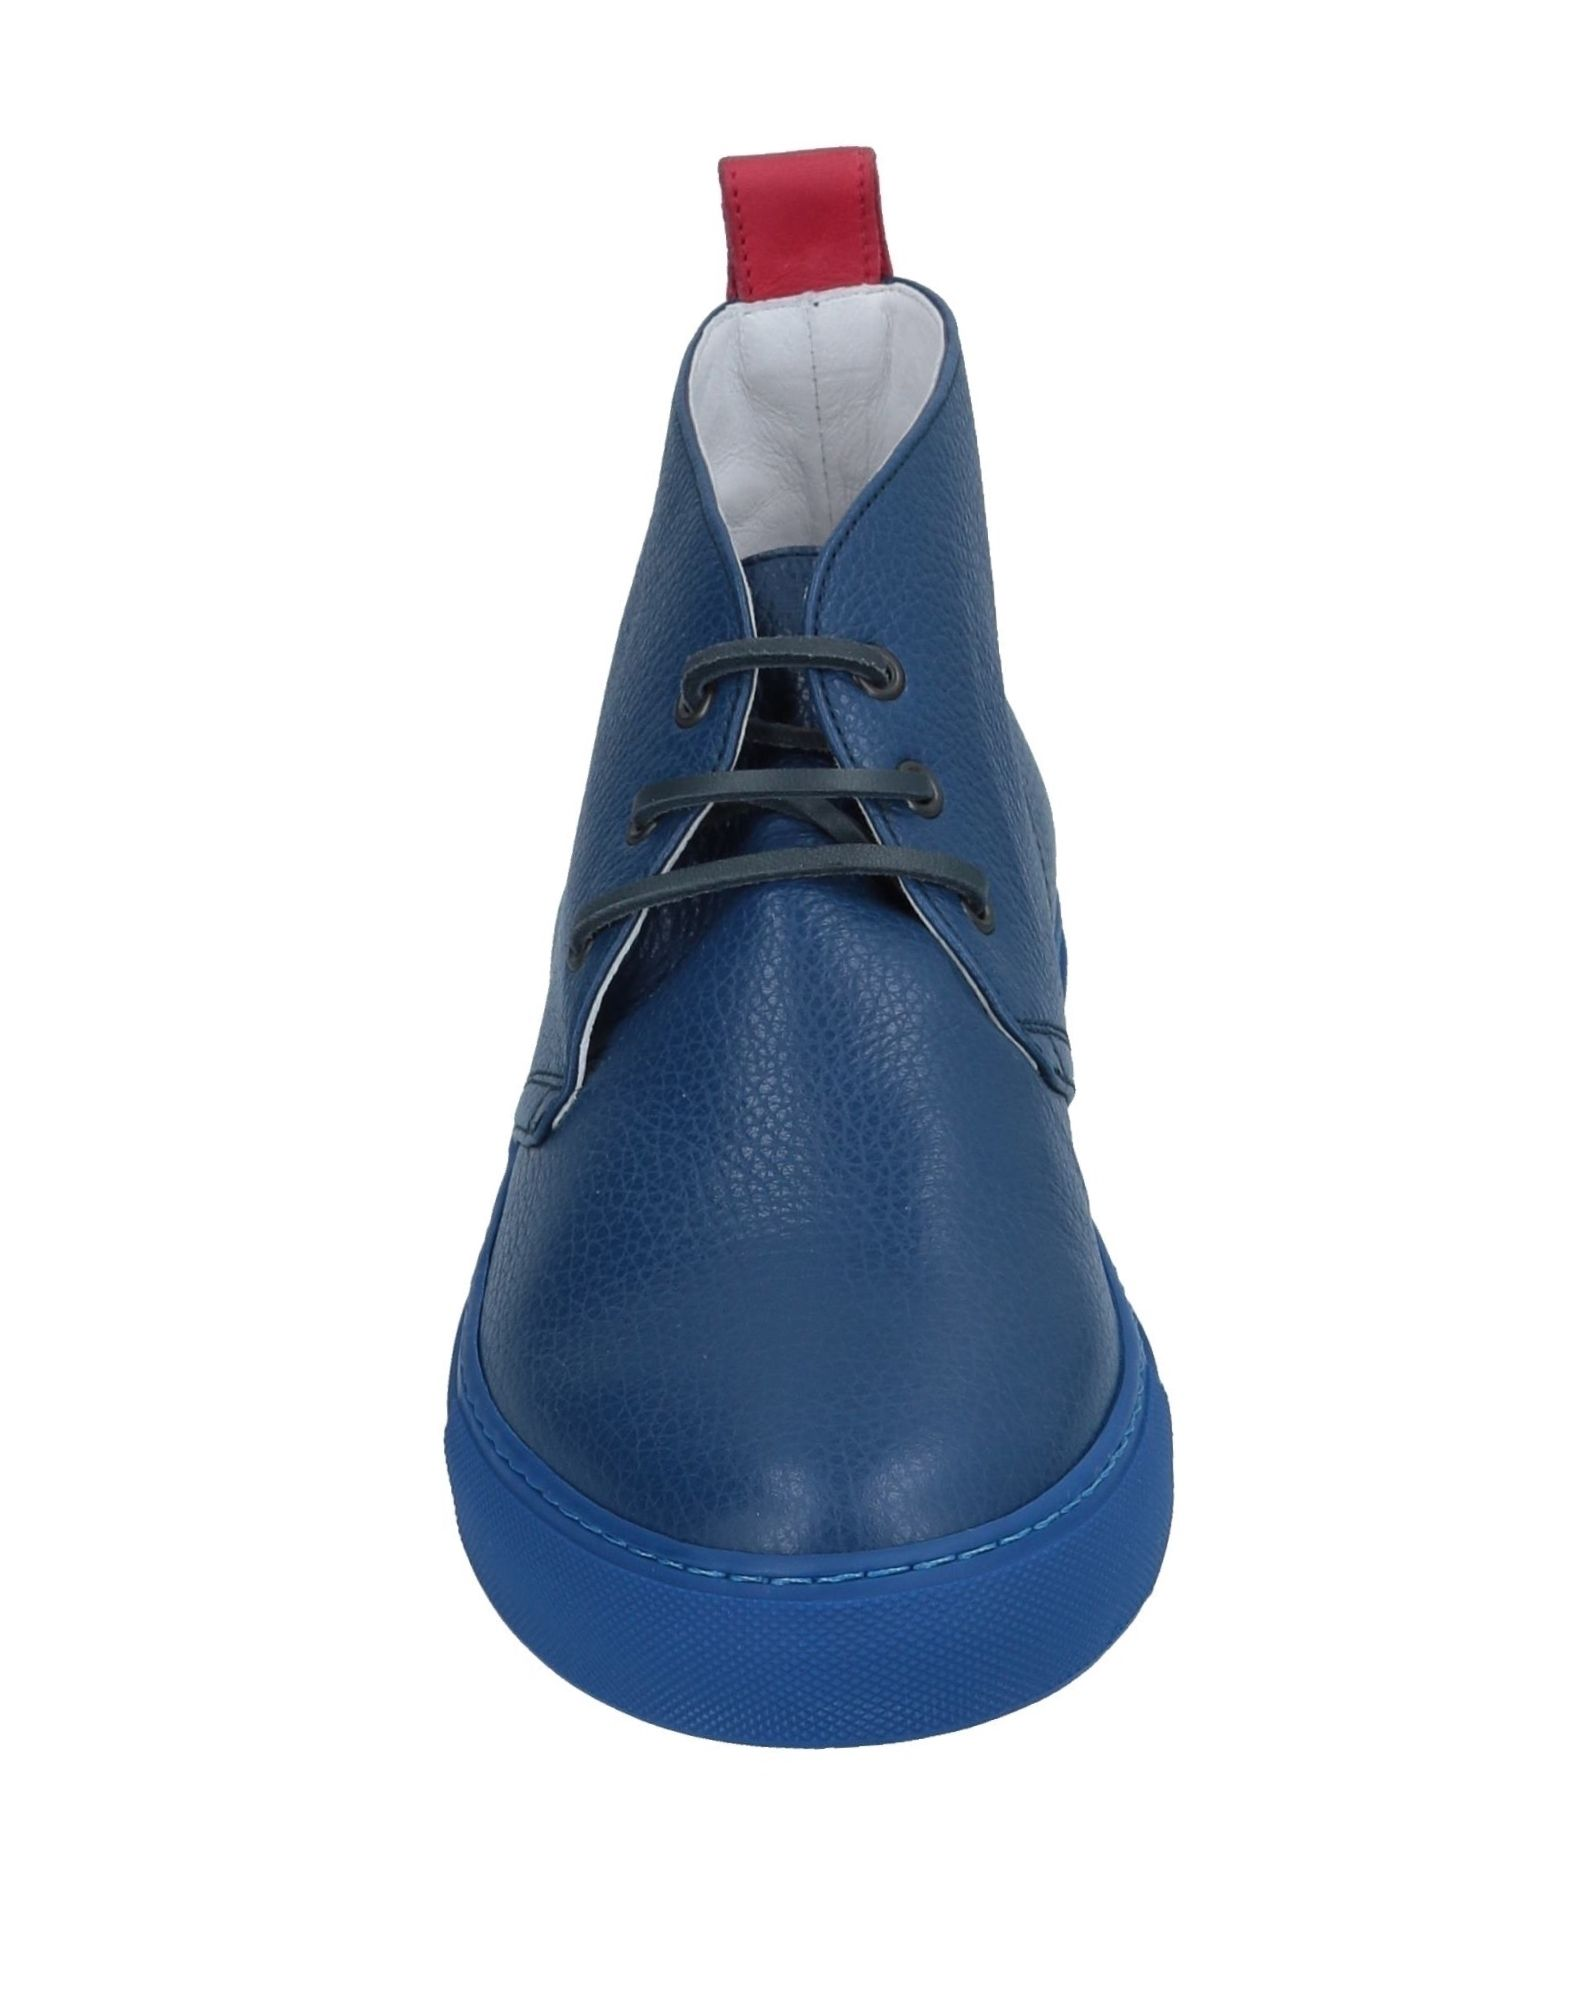 4bf75c6dcea7 ... Del Del Del Toro Sneakers - Men Del Toro Sneakers online on Australia -  11578757JA 2d2217